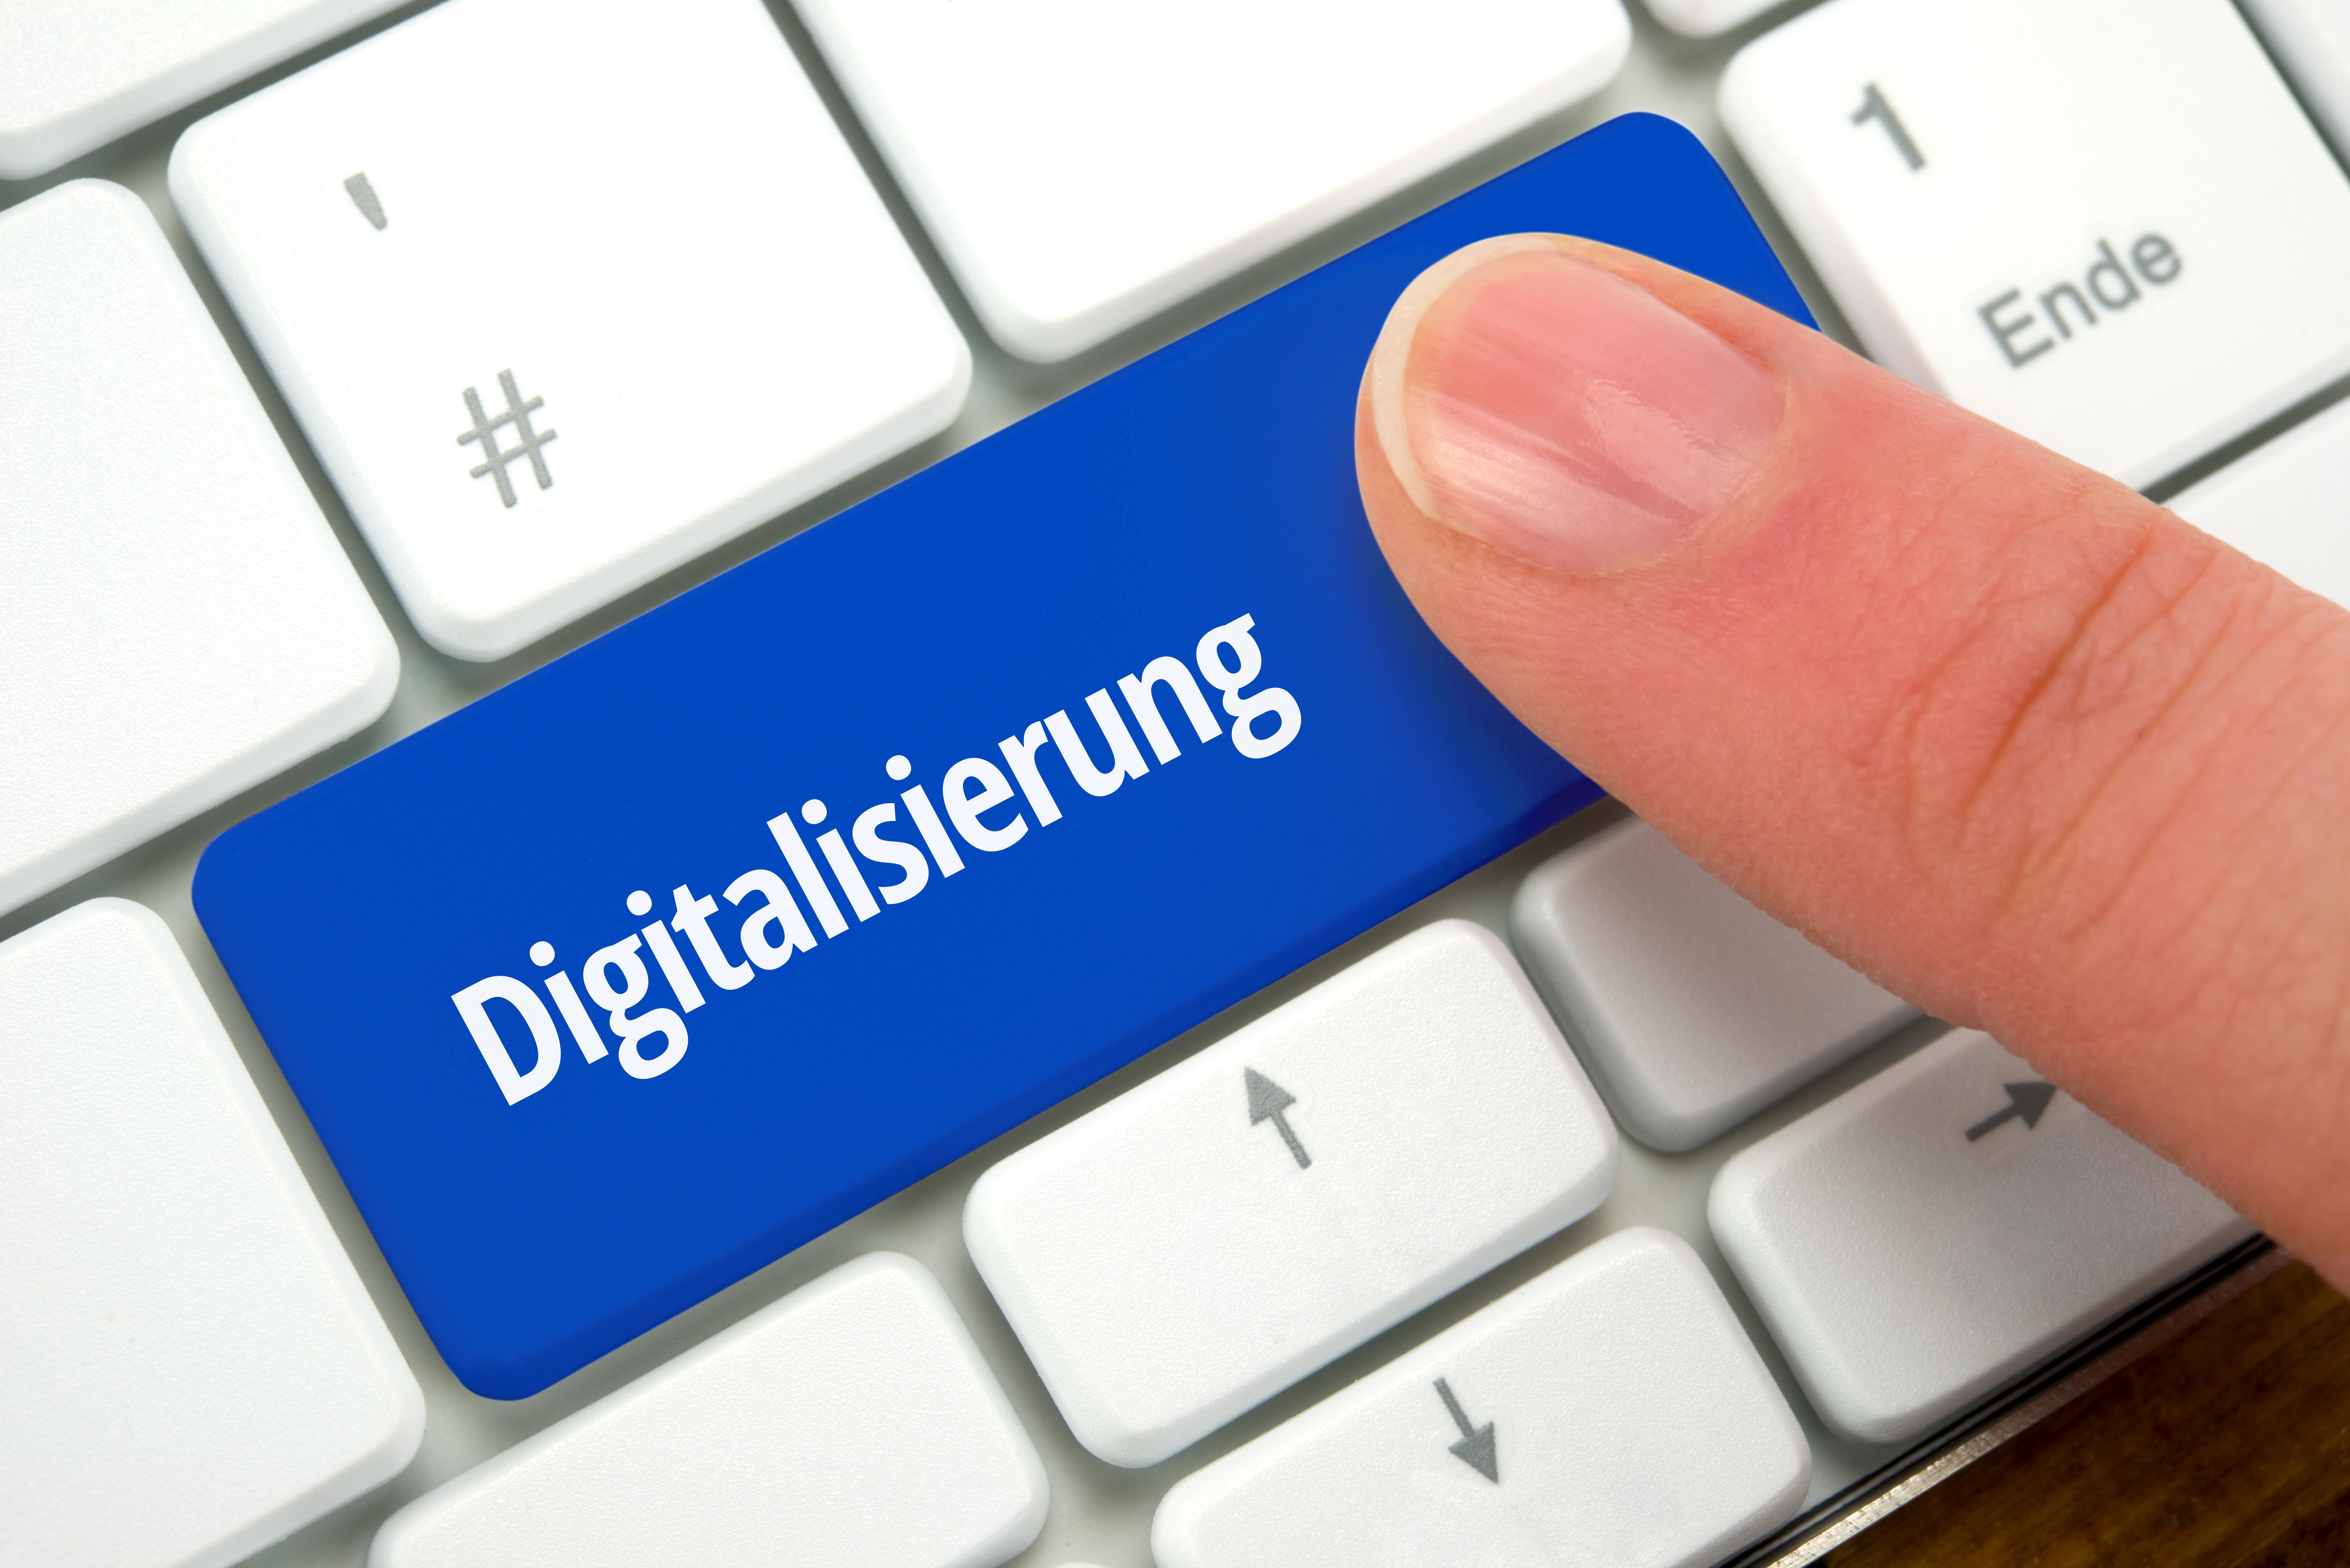 Digitalisierung in 6 Schritten